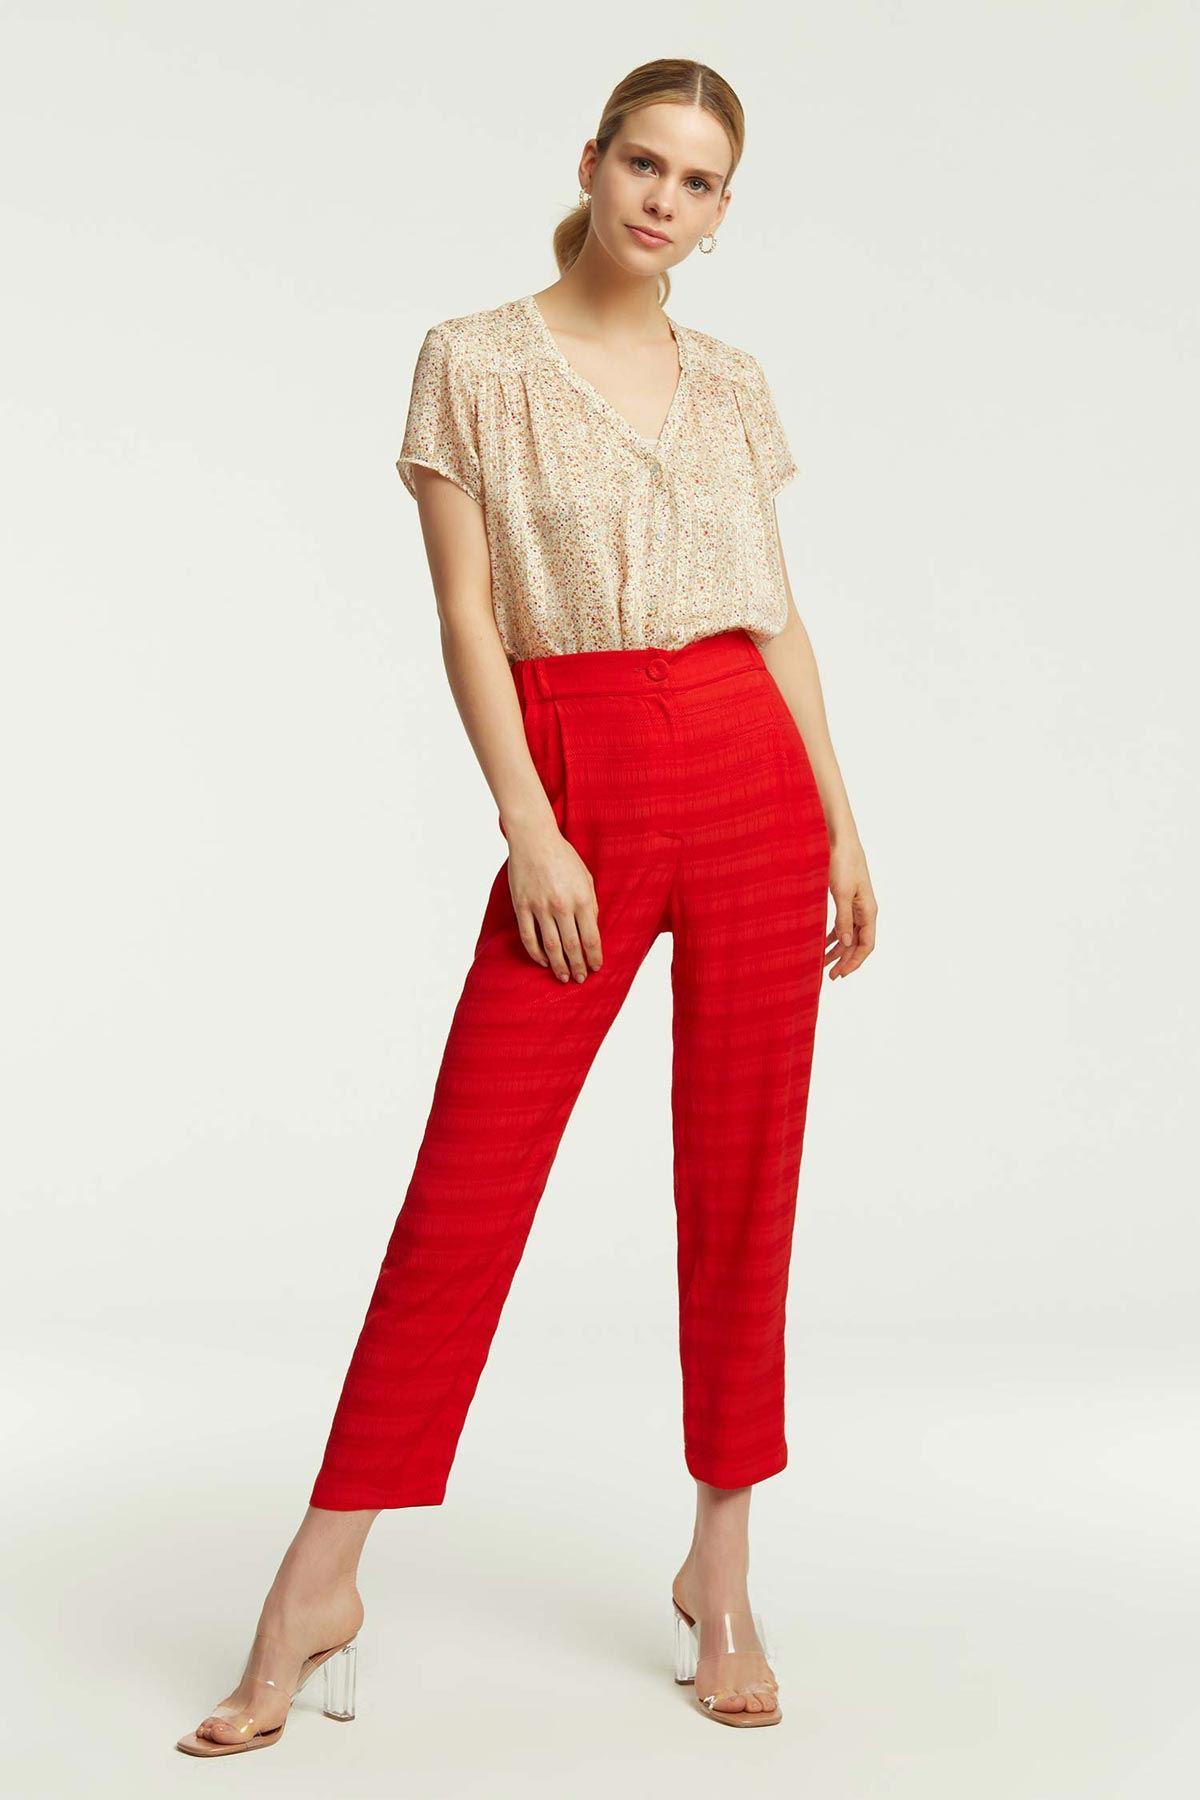 Bel Lastikli Havuç Pantolon Kırmızı